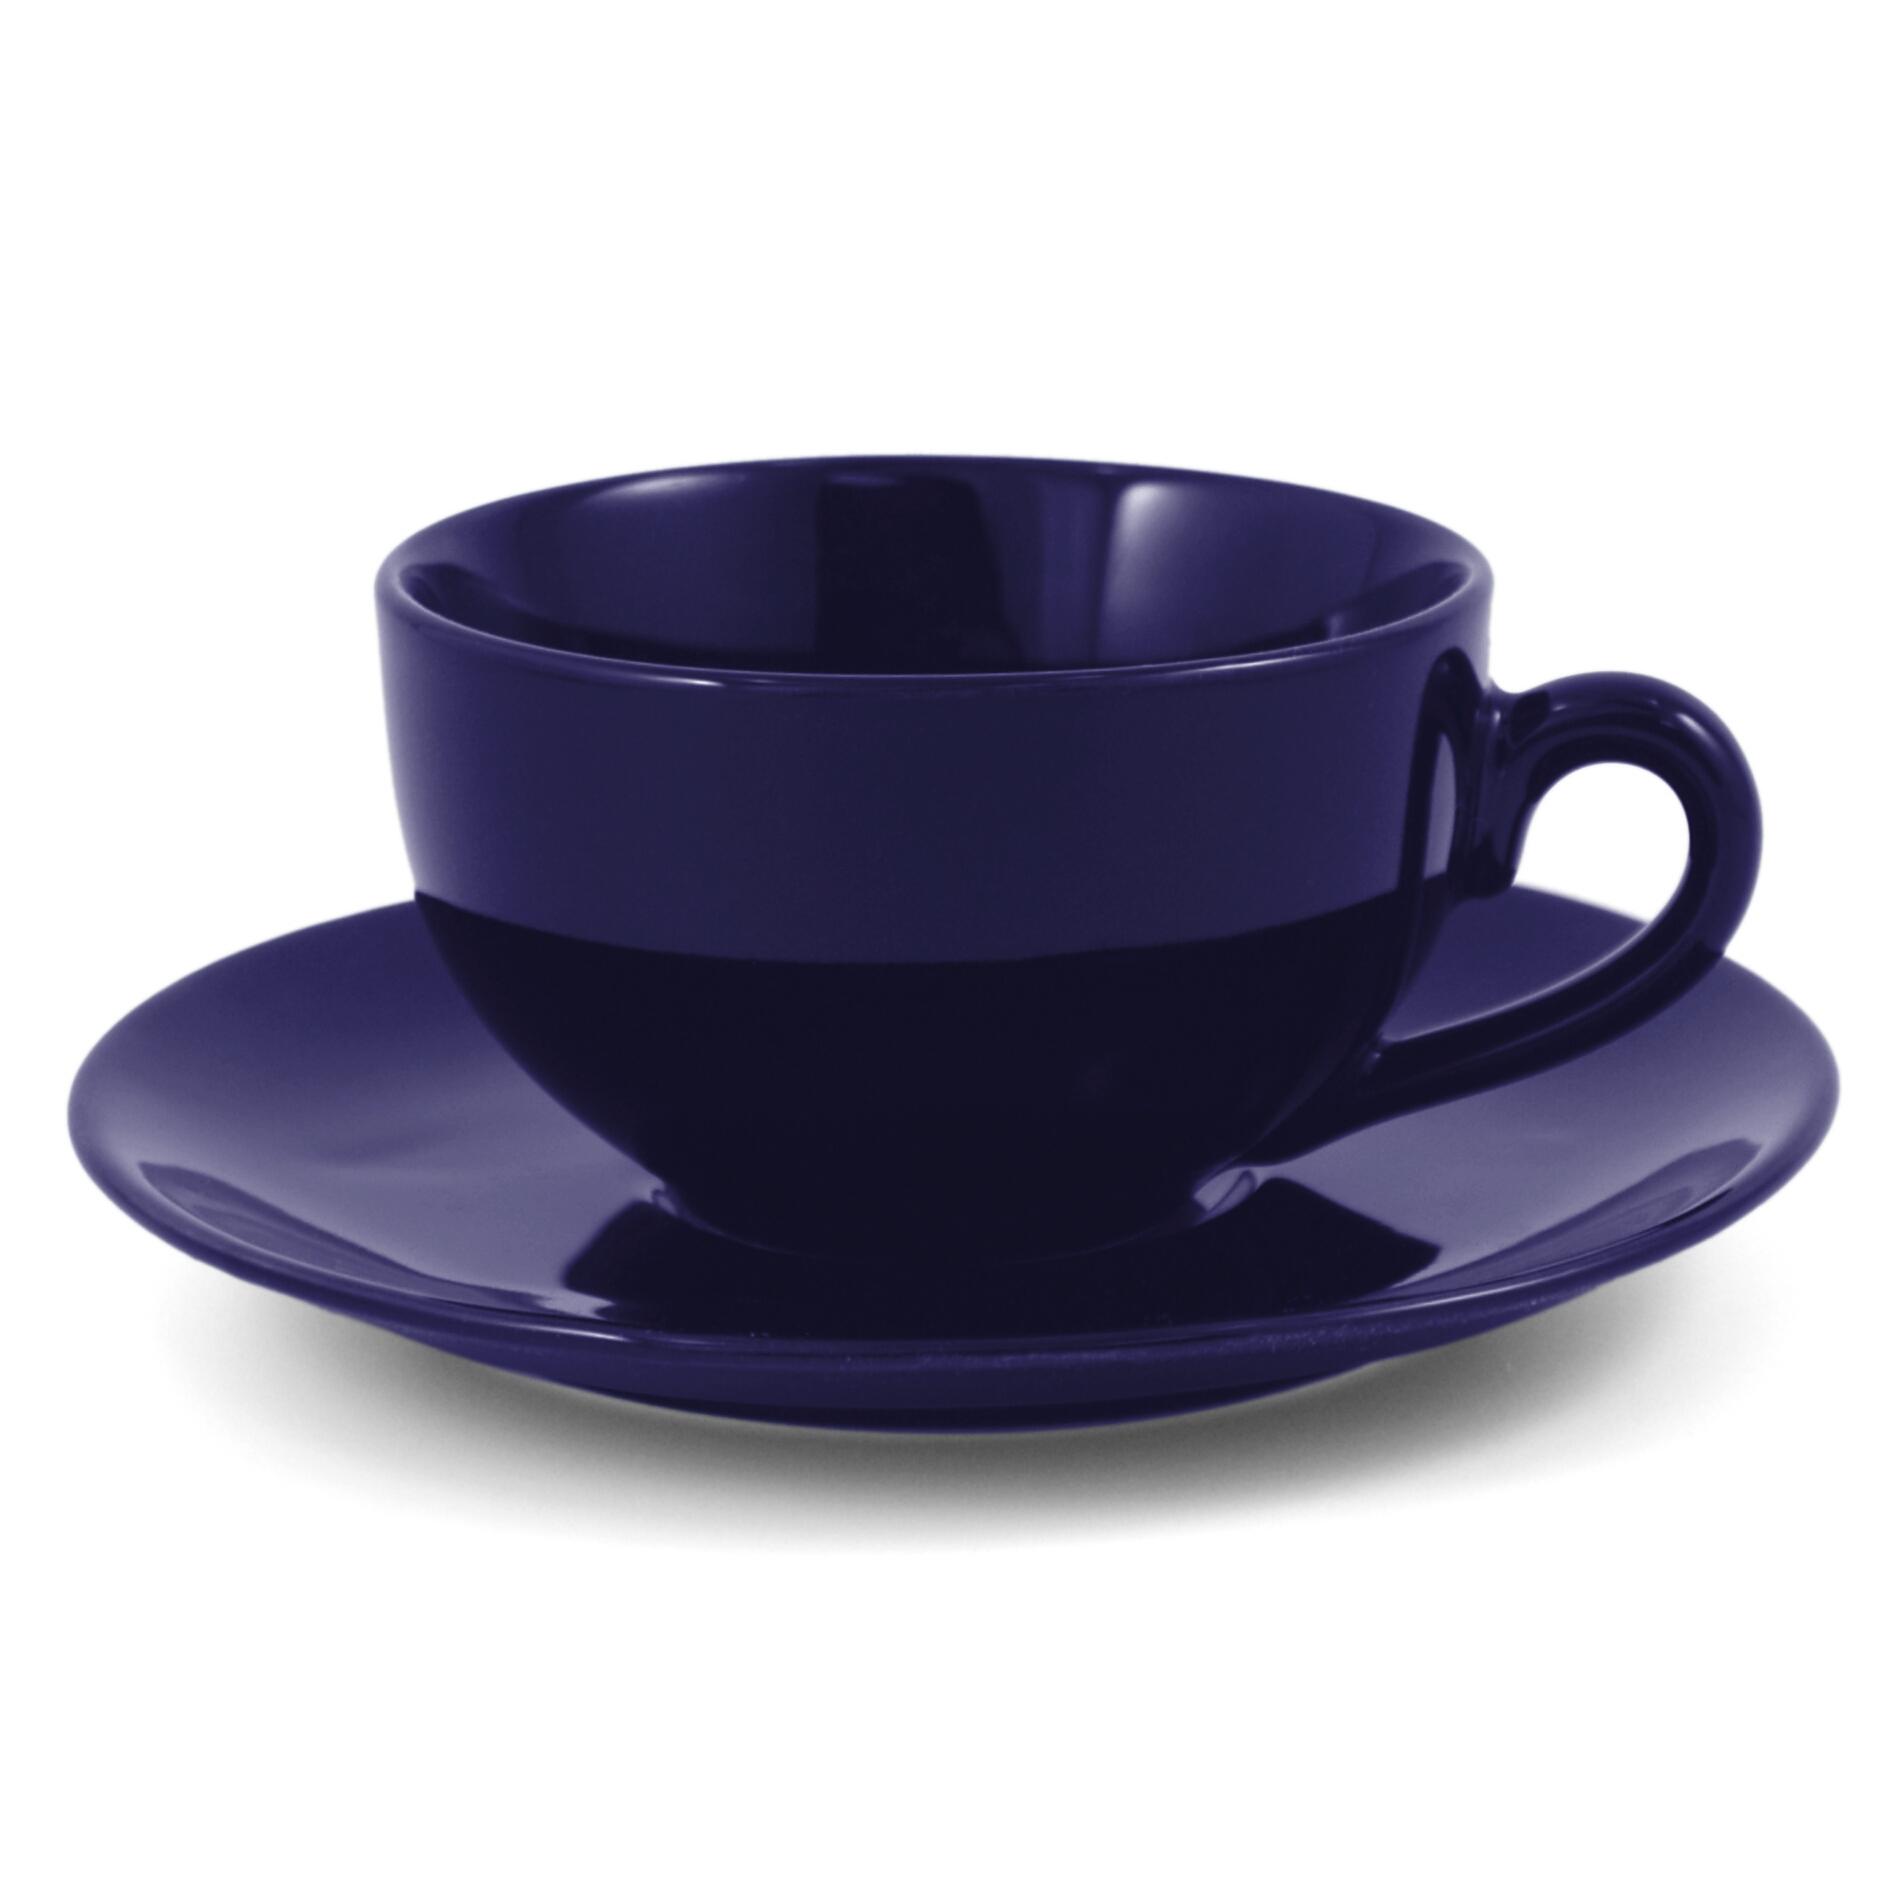 Metropolitan Tea Royal Blue Ceramic Teacup and Saucer Set